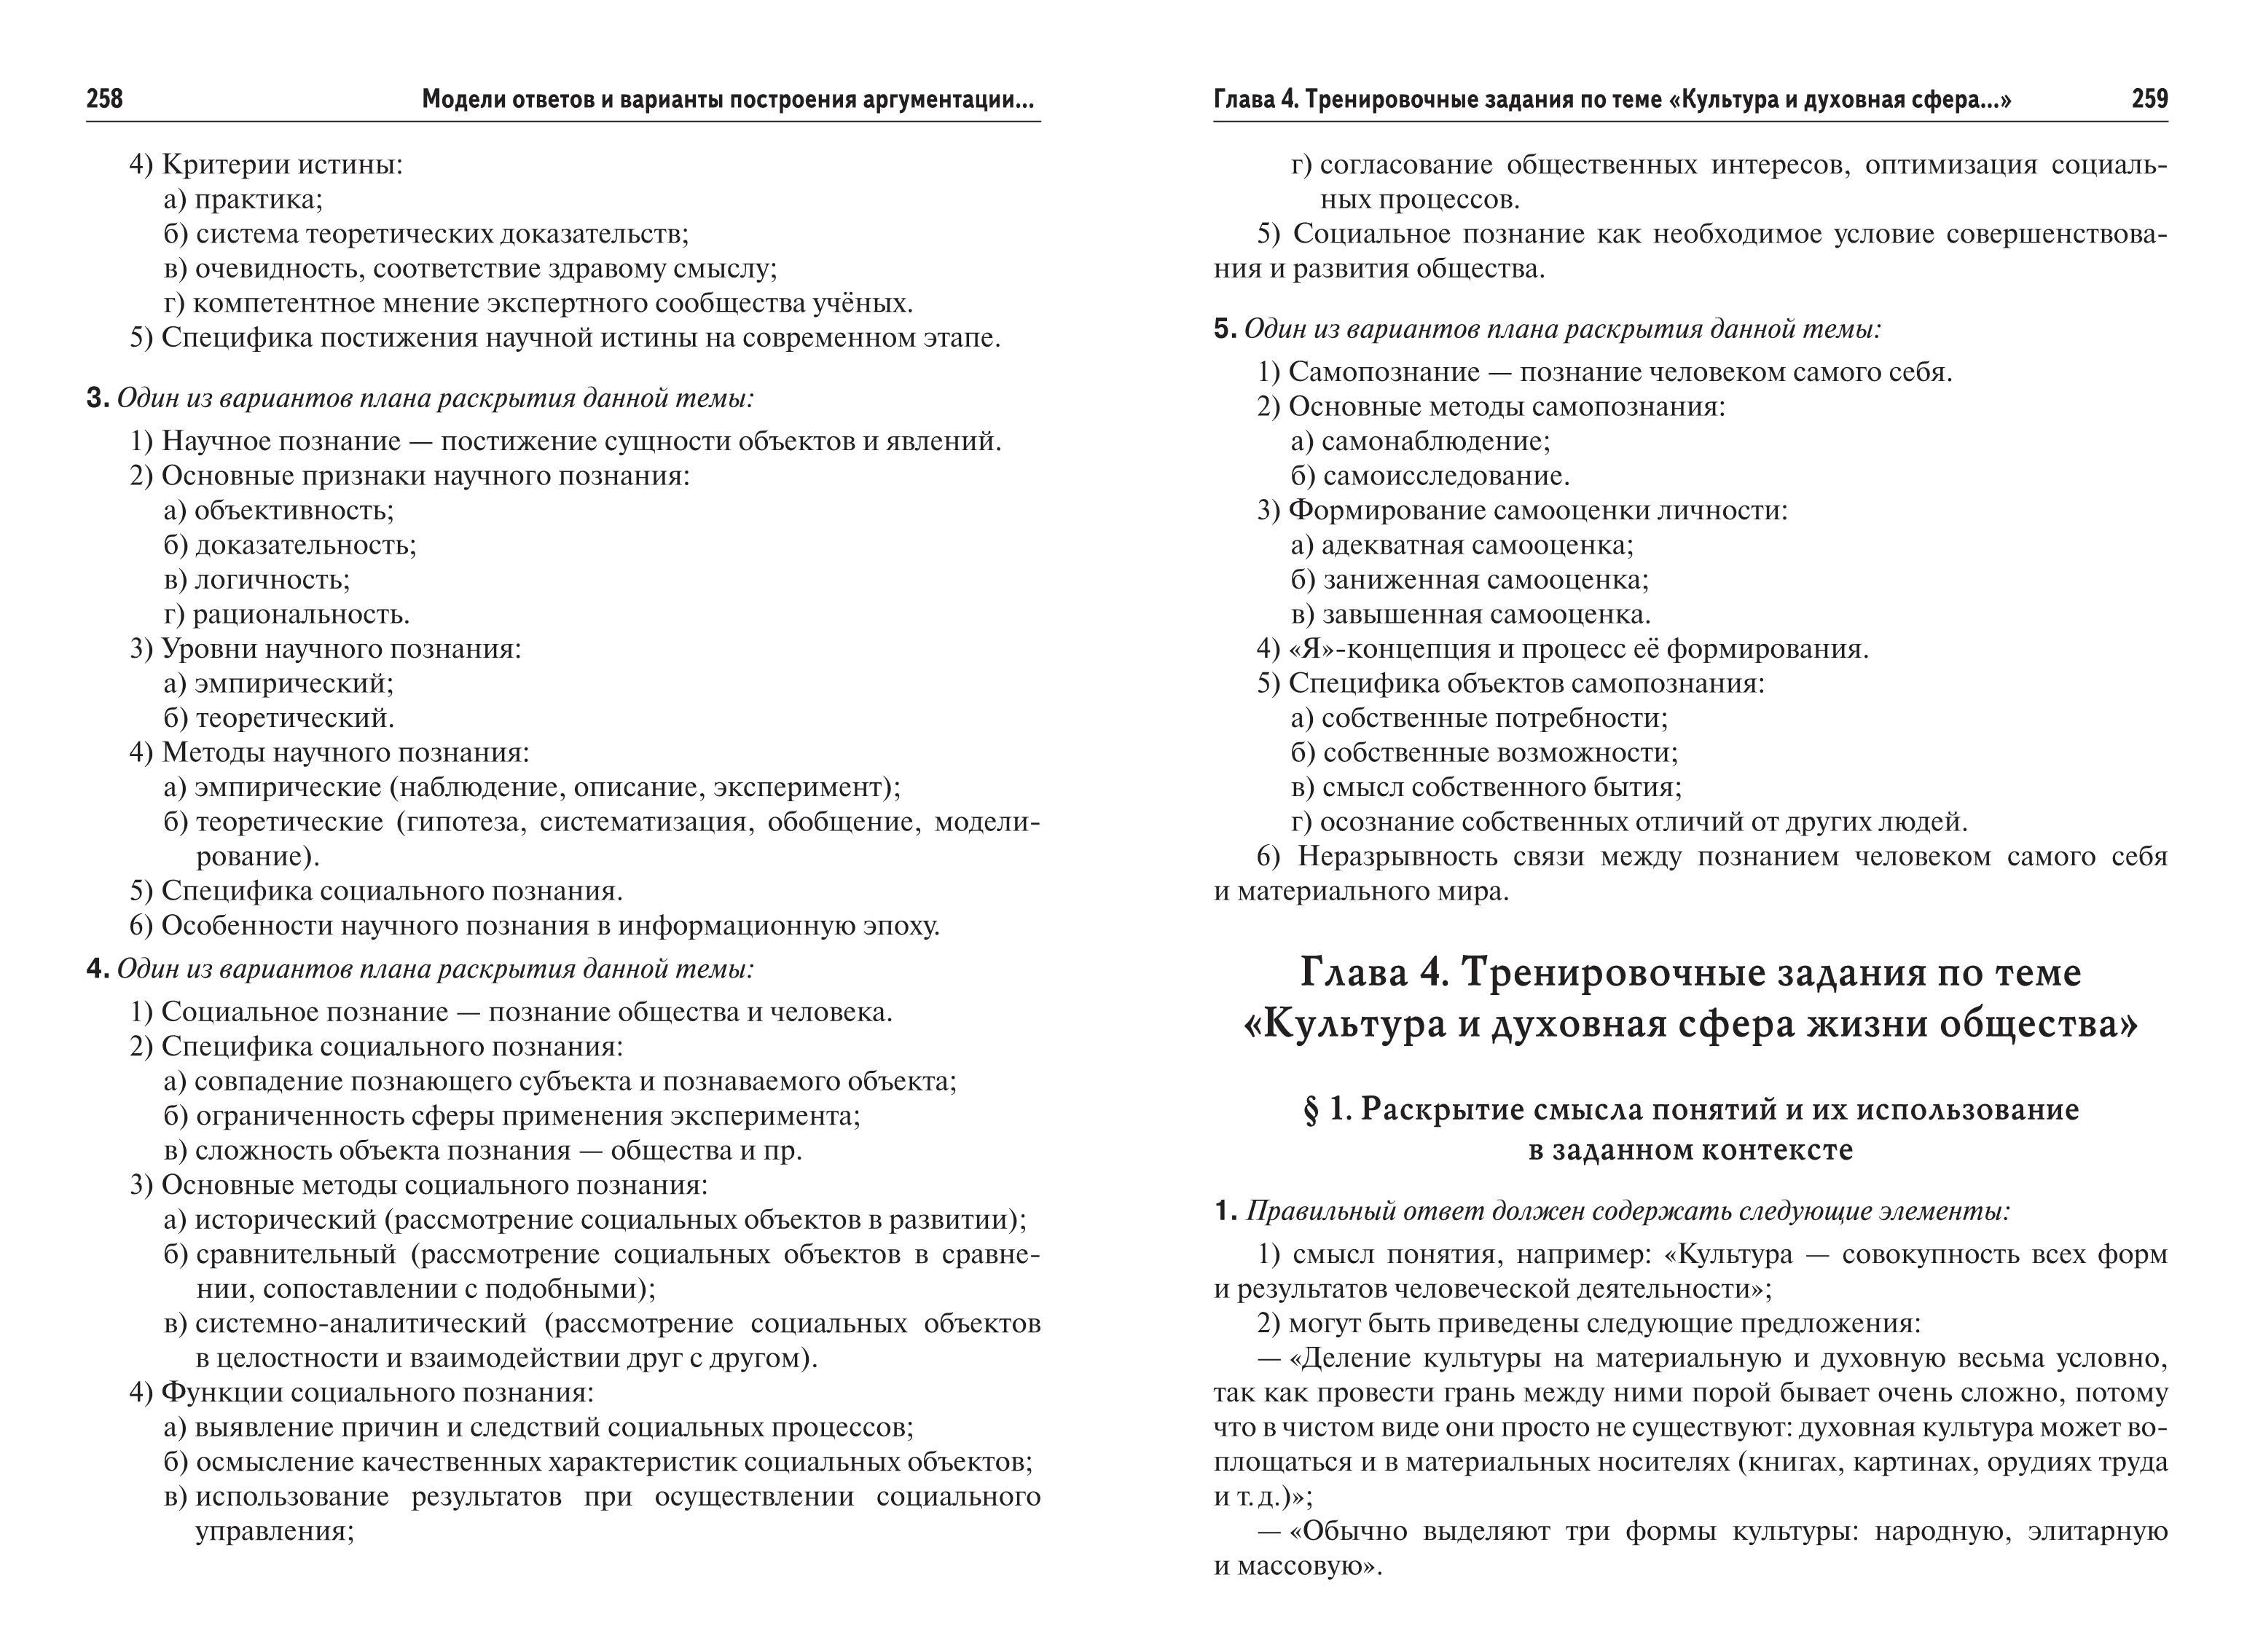 Научное познание: понятие и особенности, принципы и формы